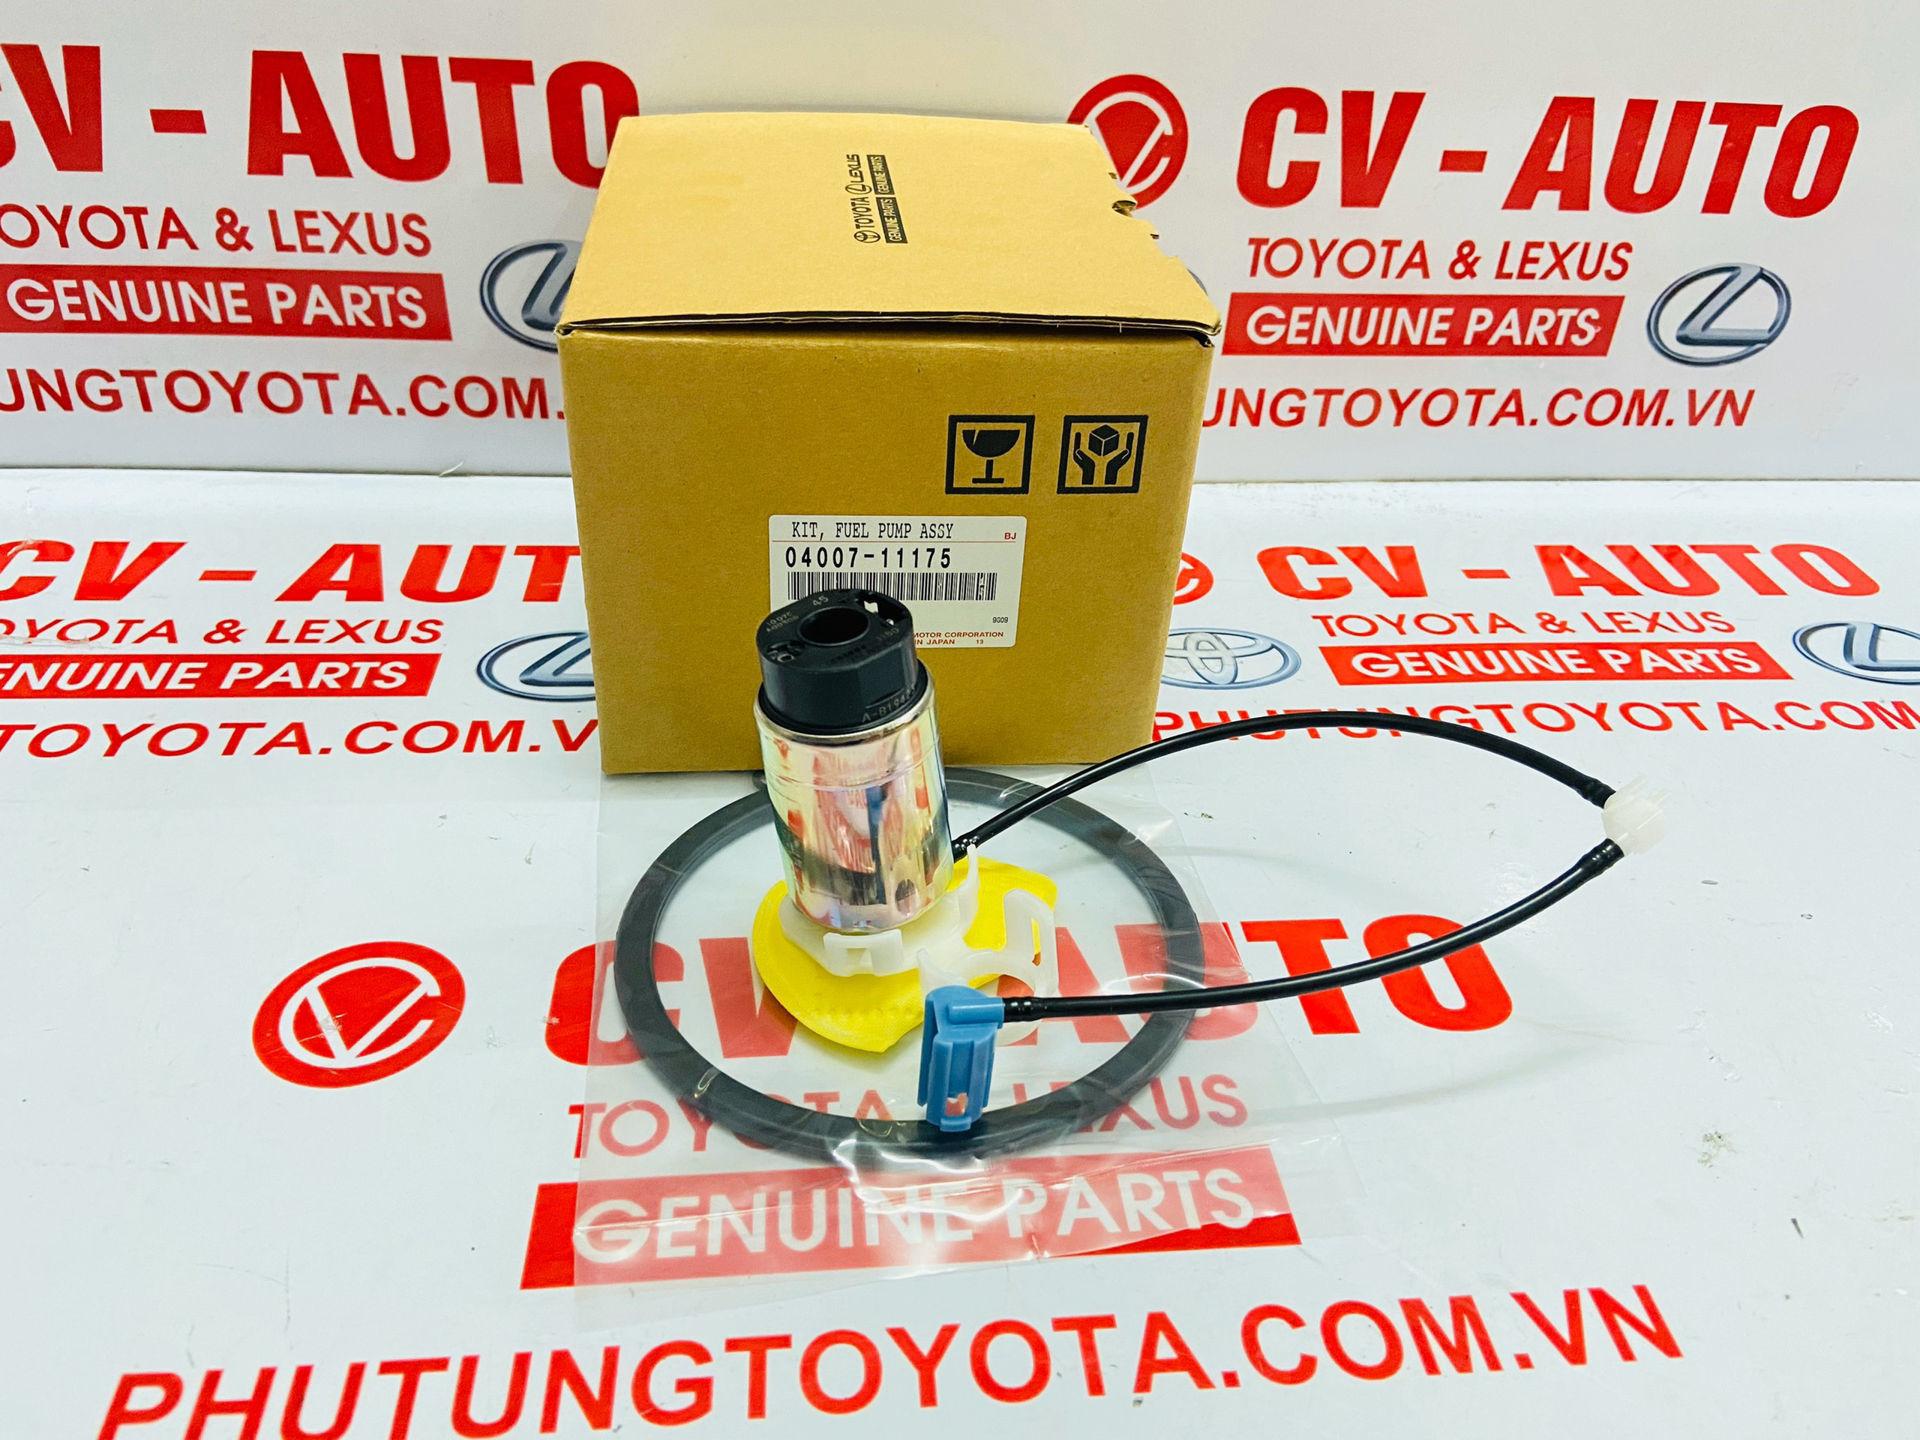 Picture of 0400711175 04007-11175 Bơm xăng ngắn Toyota Lexus 45V chính hãng